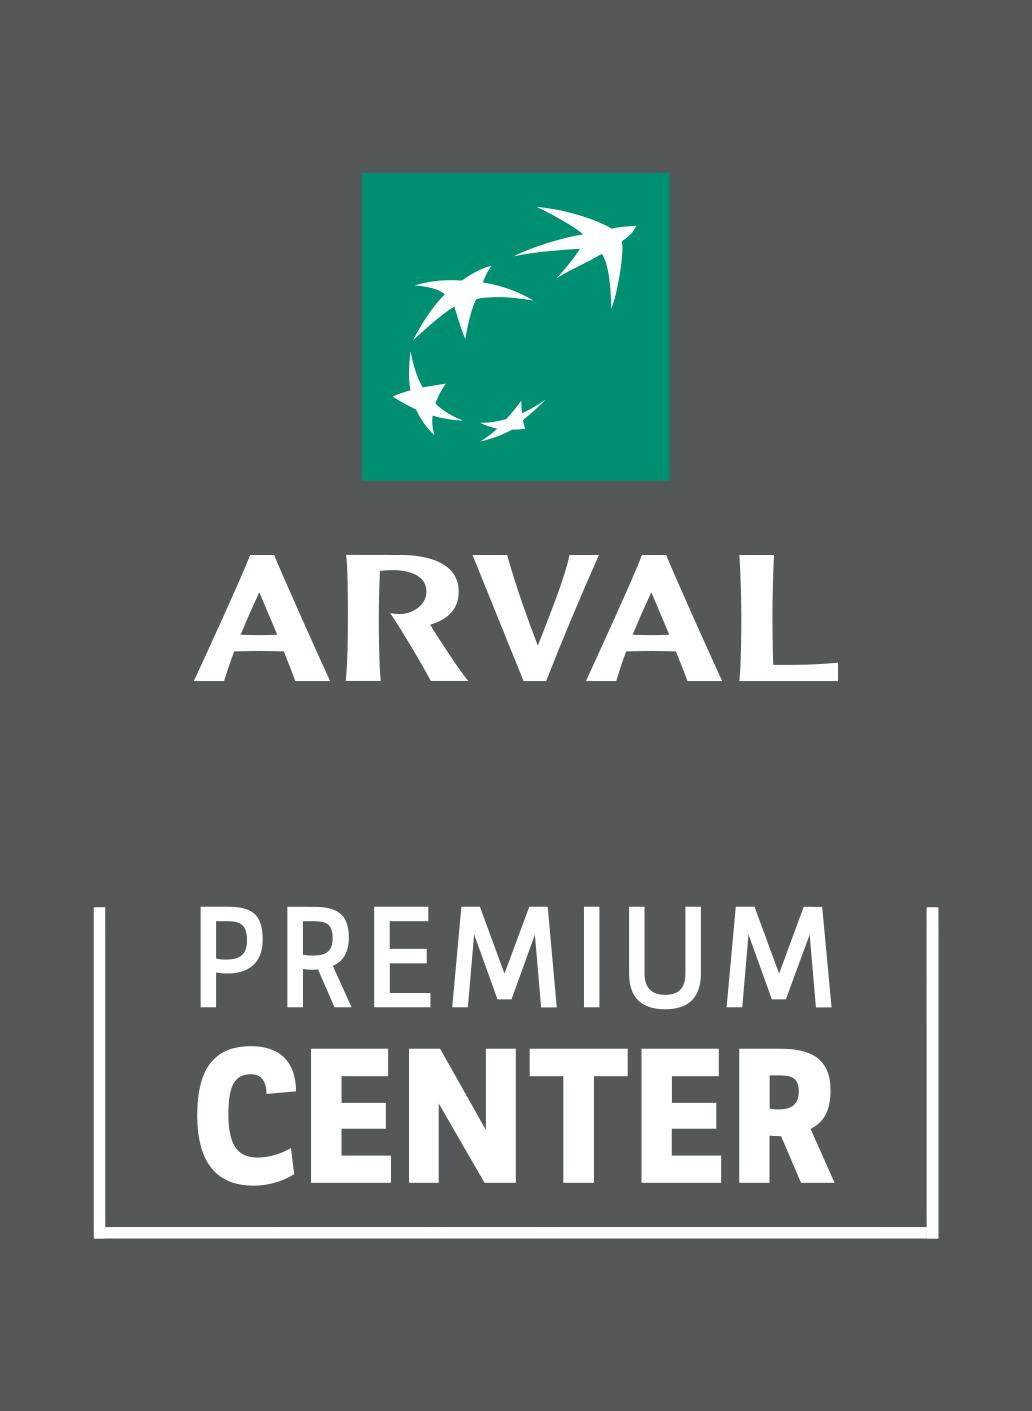 Arval Premium center